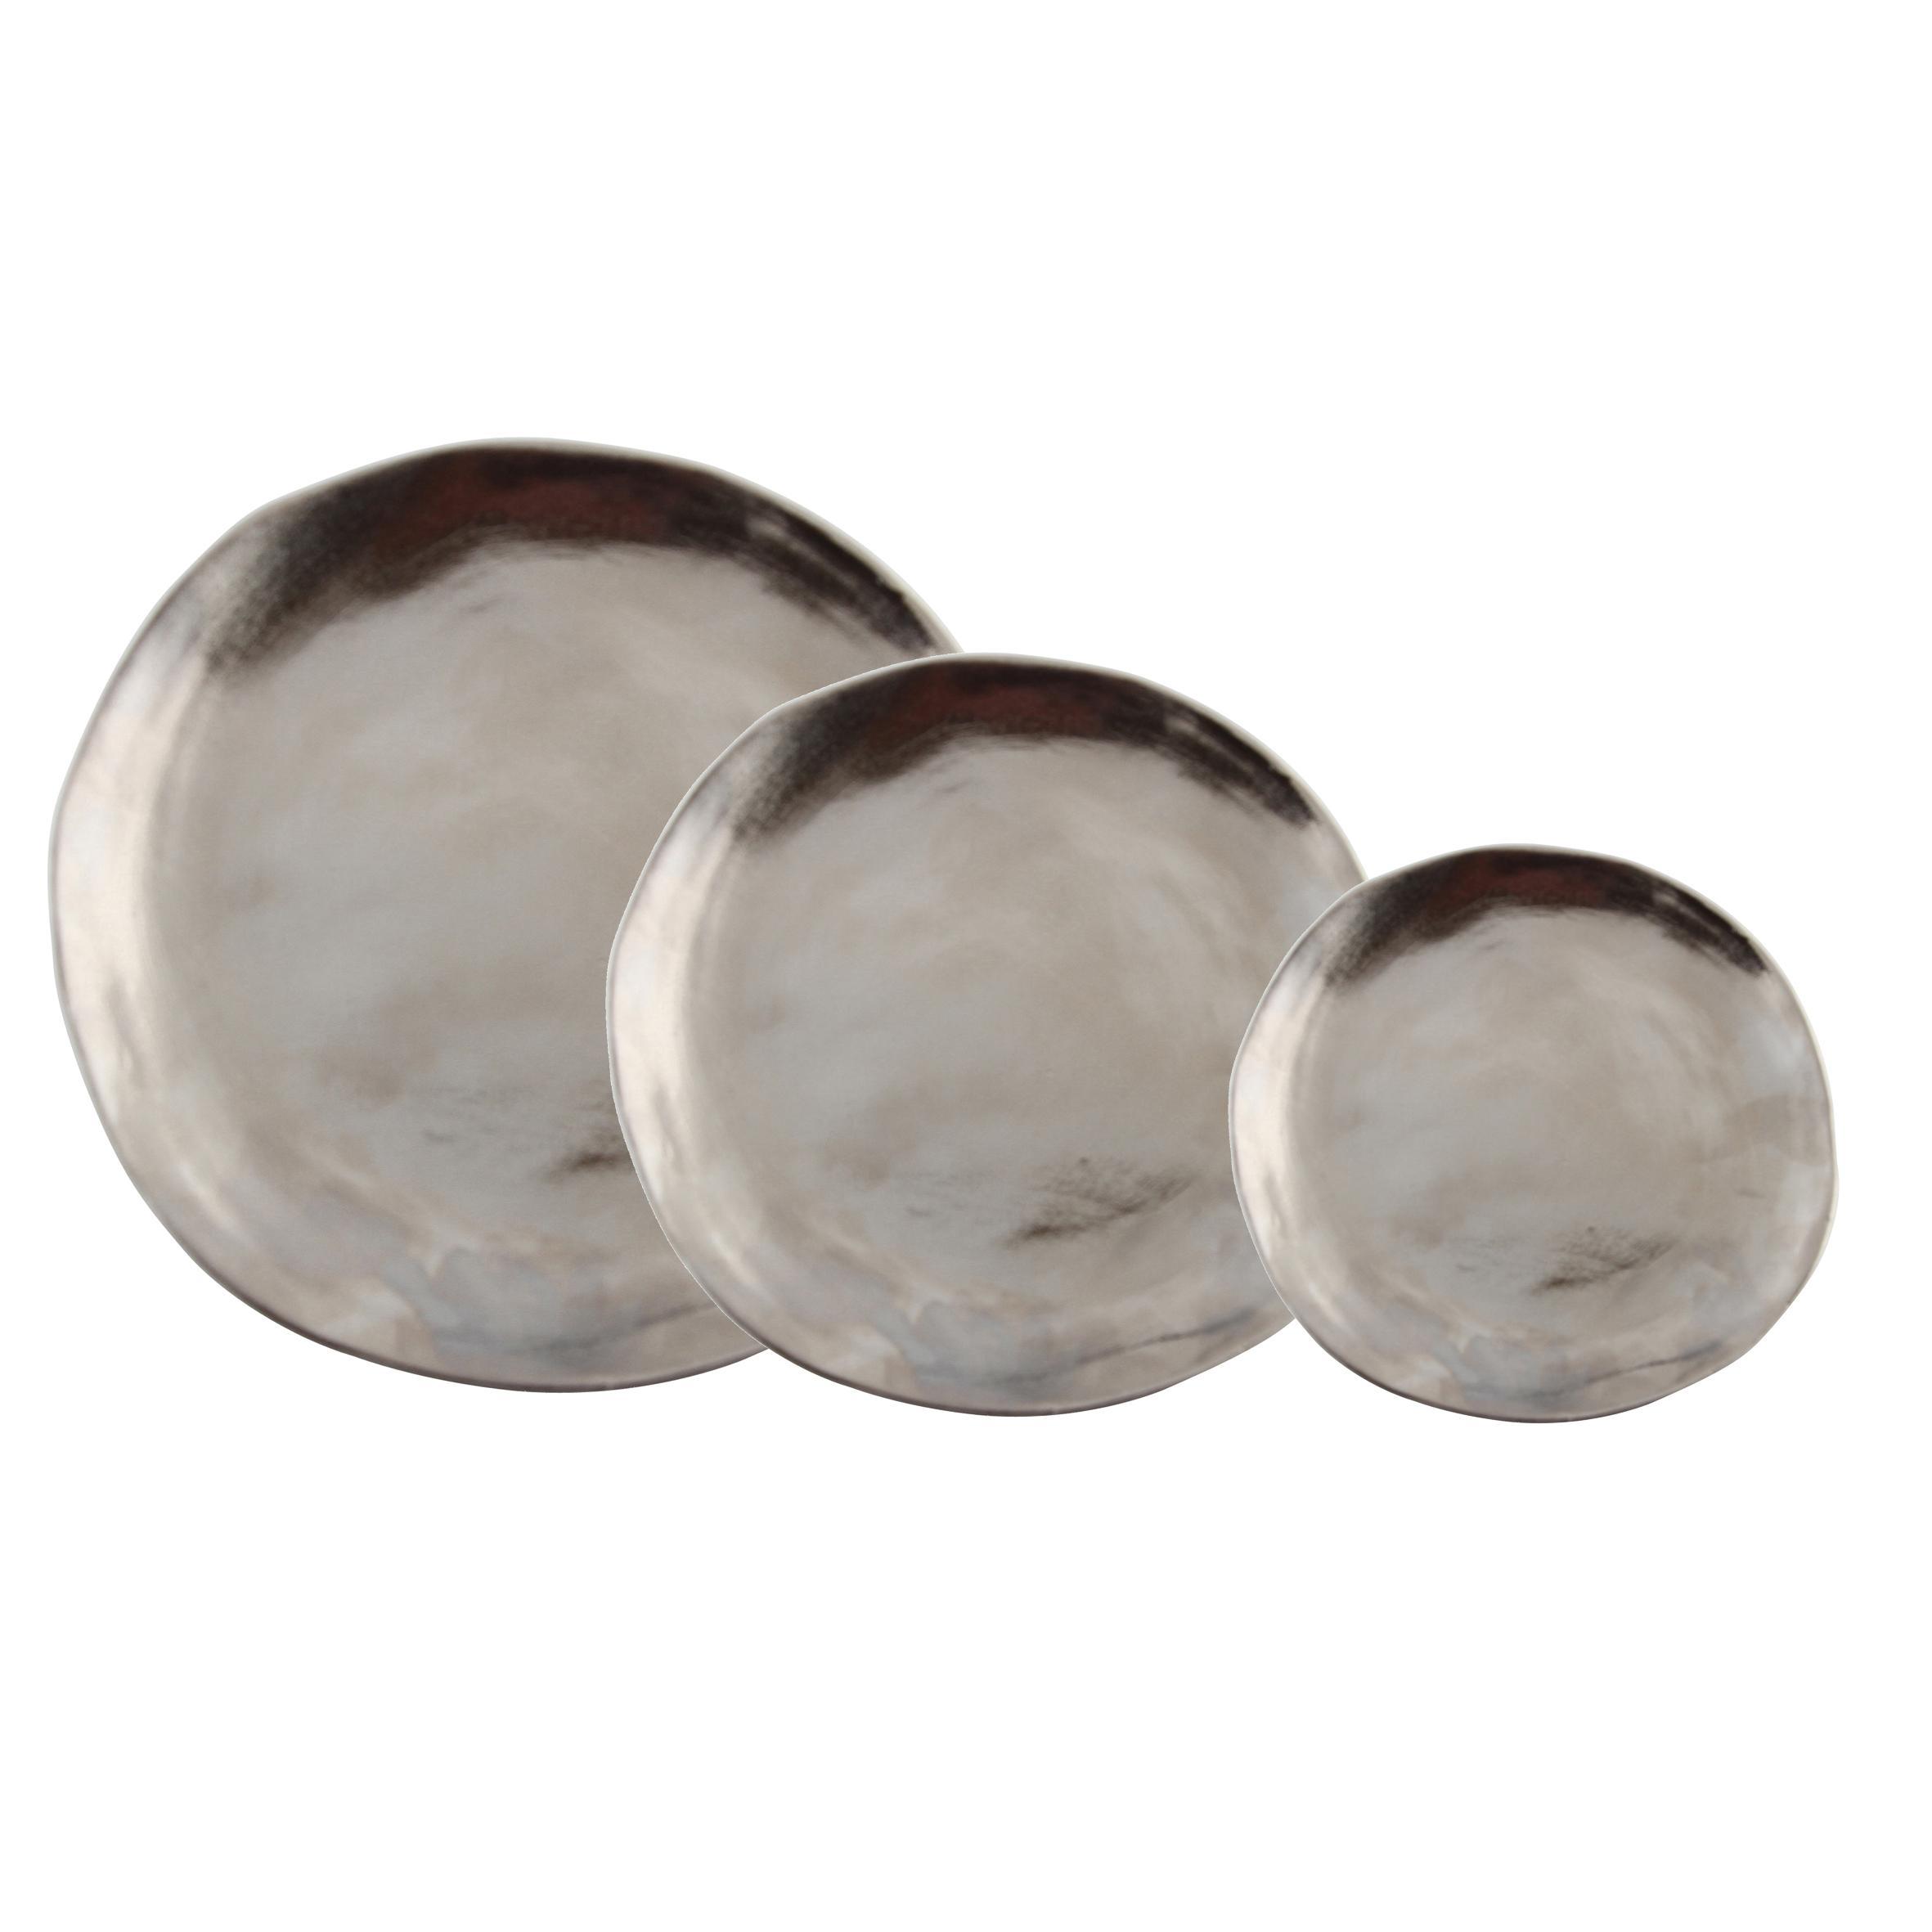 Teller-Set Imperfect in Silber, 3-tlg., Porzellan, beschichtet, Silberfarben, Sondergrößen